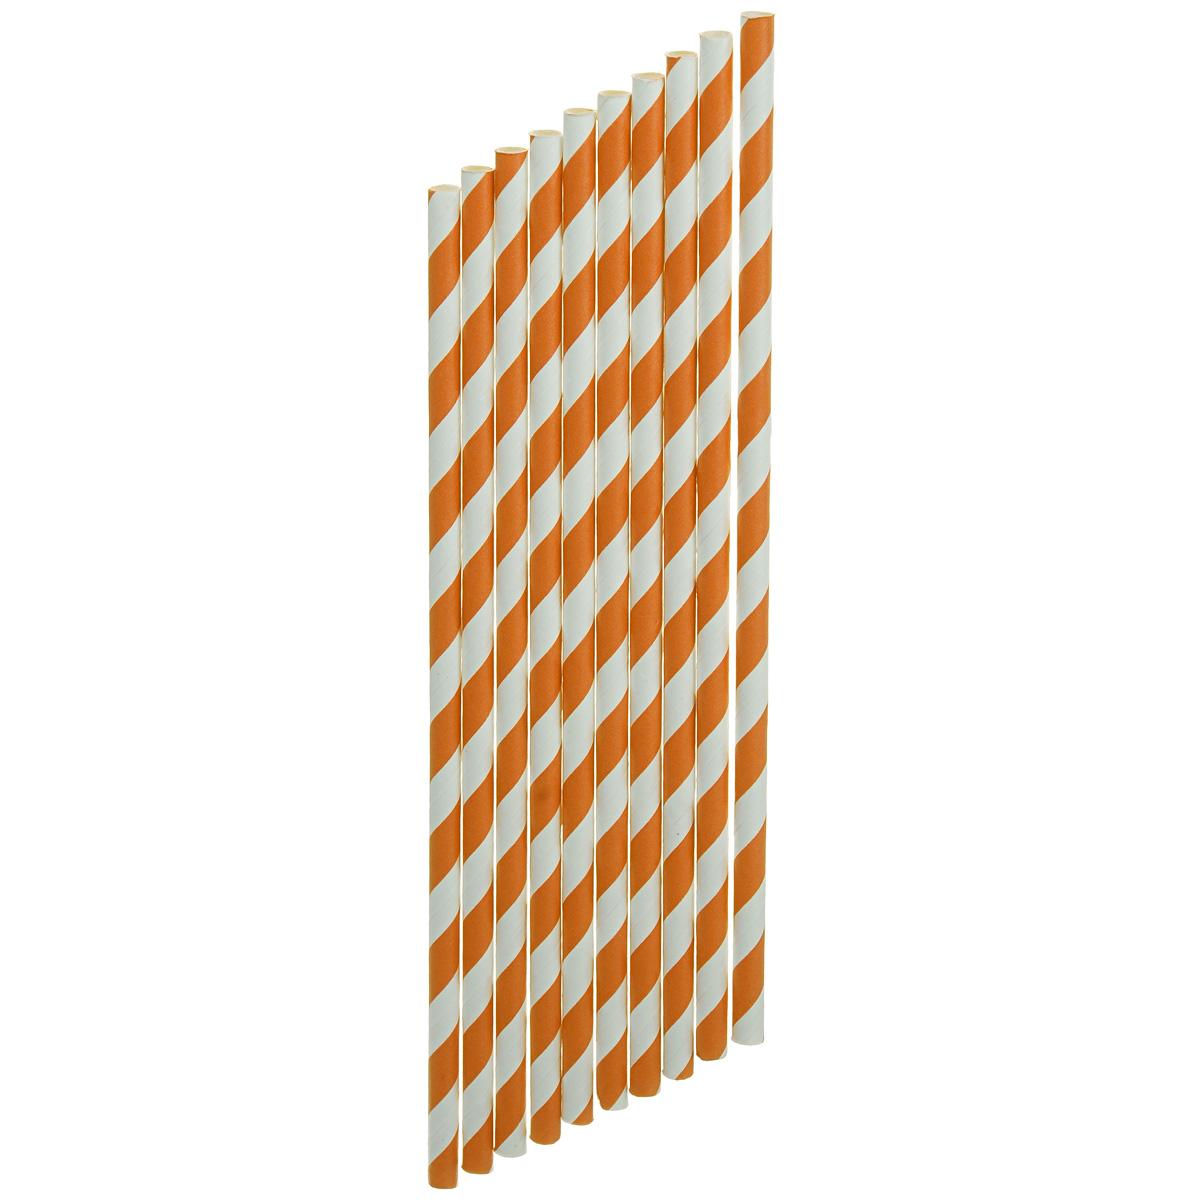 Набор бумажных трубочек Dolce Arti Завиток, цвет: оранжевый, 10 штVT-1520(SR)Набор Dolce Arti Завиток состоит из 10 бумажных трубочек, предназначенных для напитков. Цветные трубочки станут не только эффектным украшением коктейлей, но и ярким штрихом вашего сладкого стола. С набором Dolce Arti Завиток ваш праздник станет по-настоящему красочным!